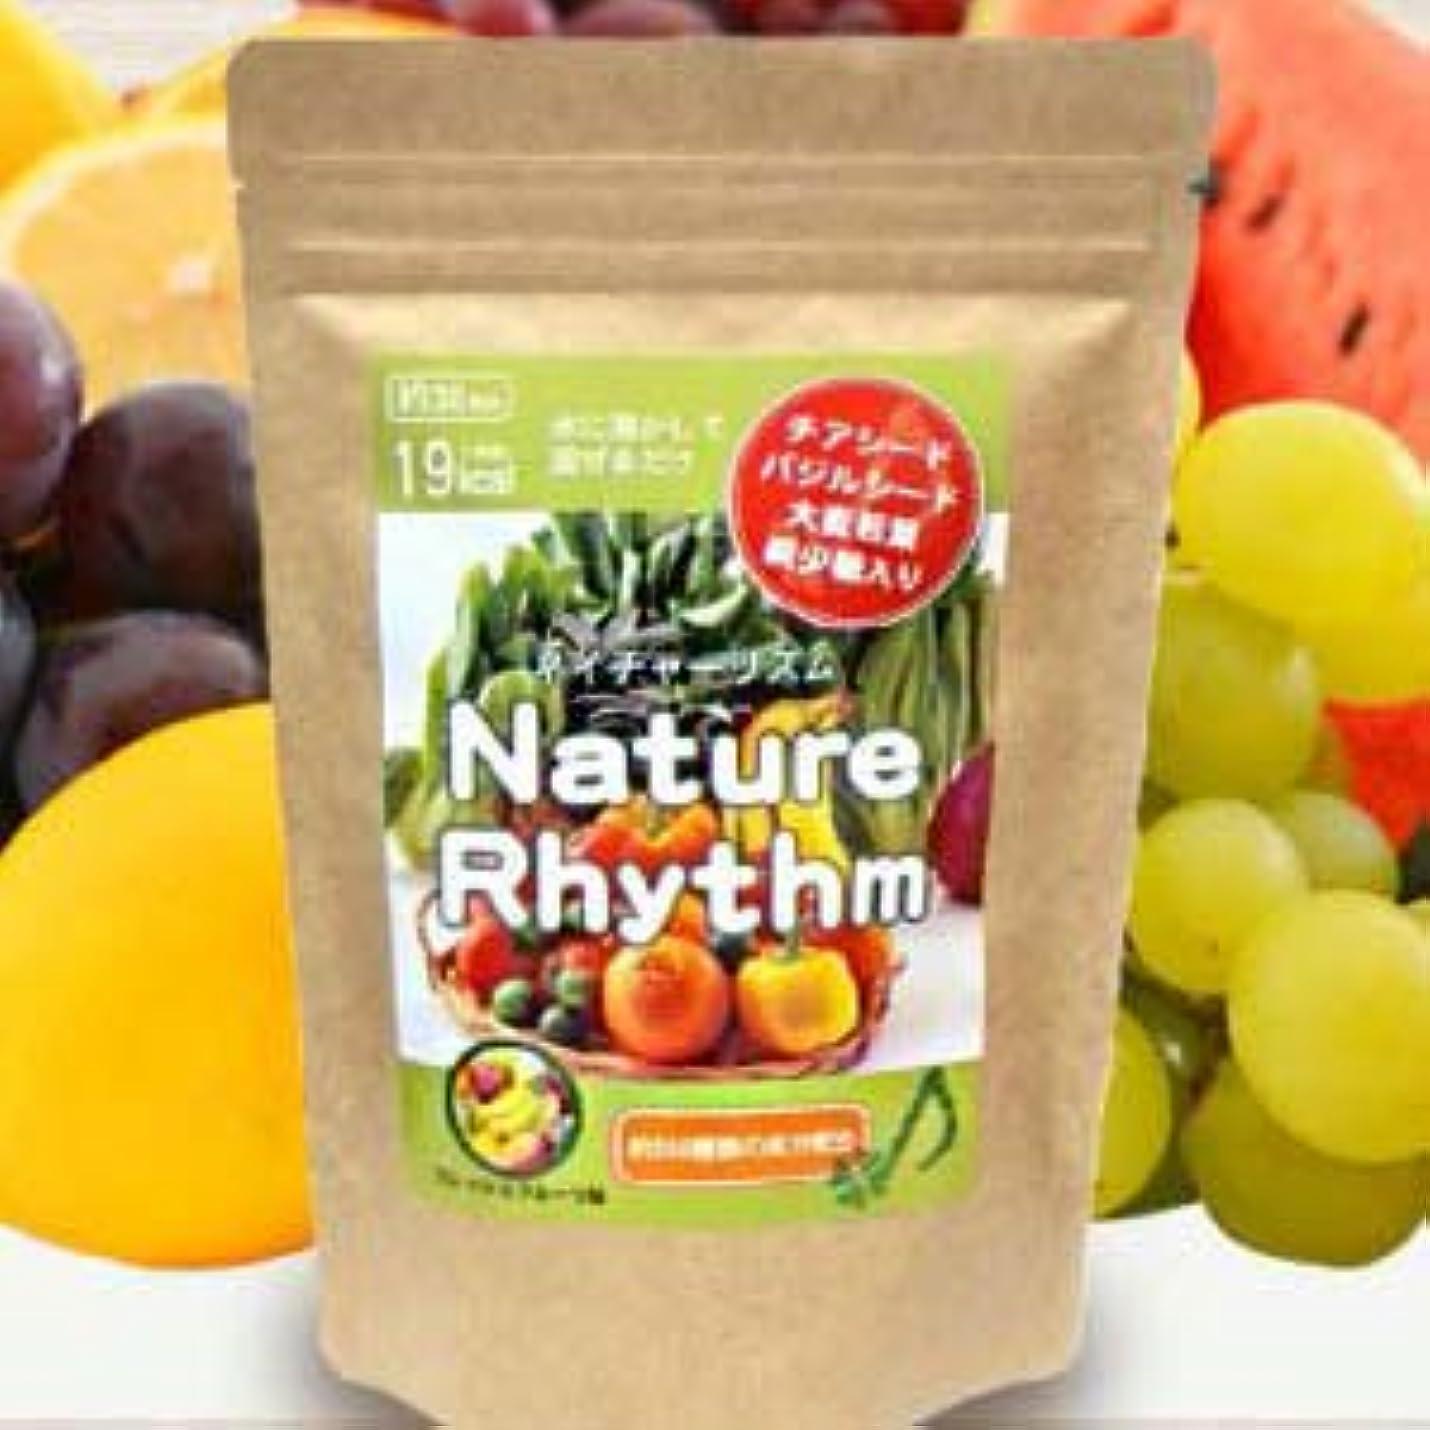 補体ヘロイン写真Nature Rhythm スーパーフードMIX酵素スムージー グリーンスムージー ダイエット (フレッシュフルーツ味, 200g)